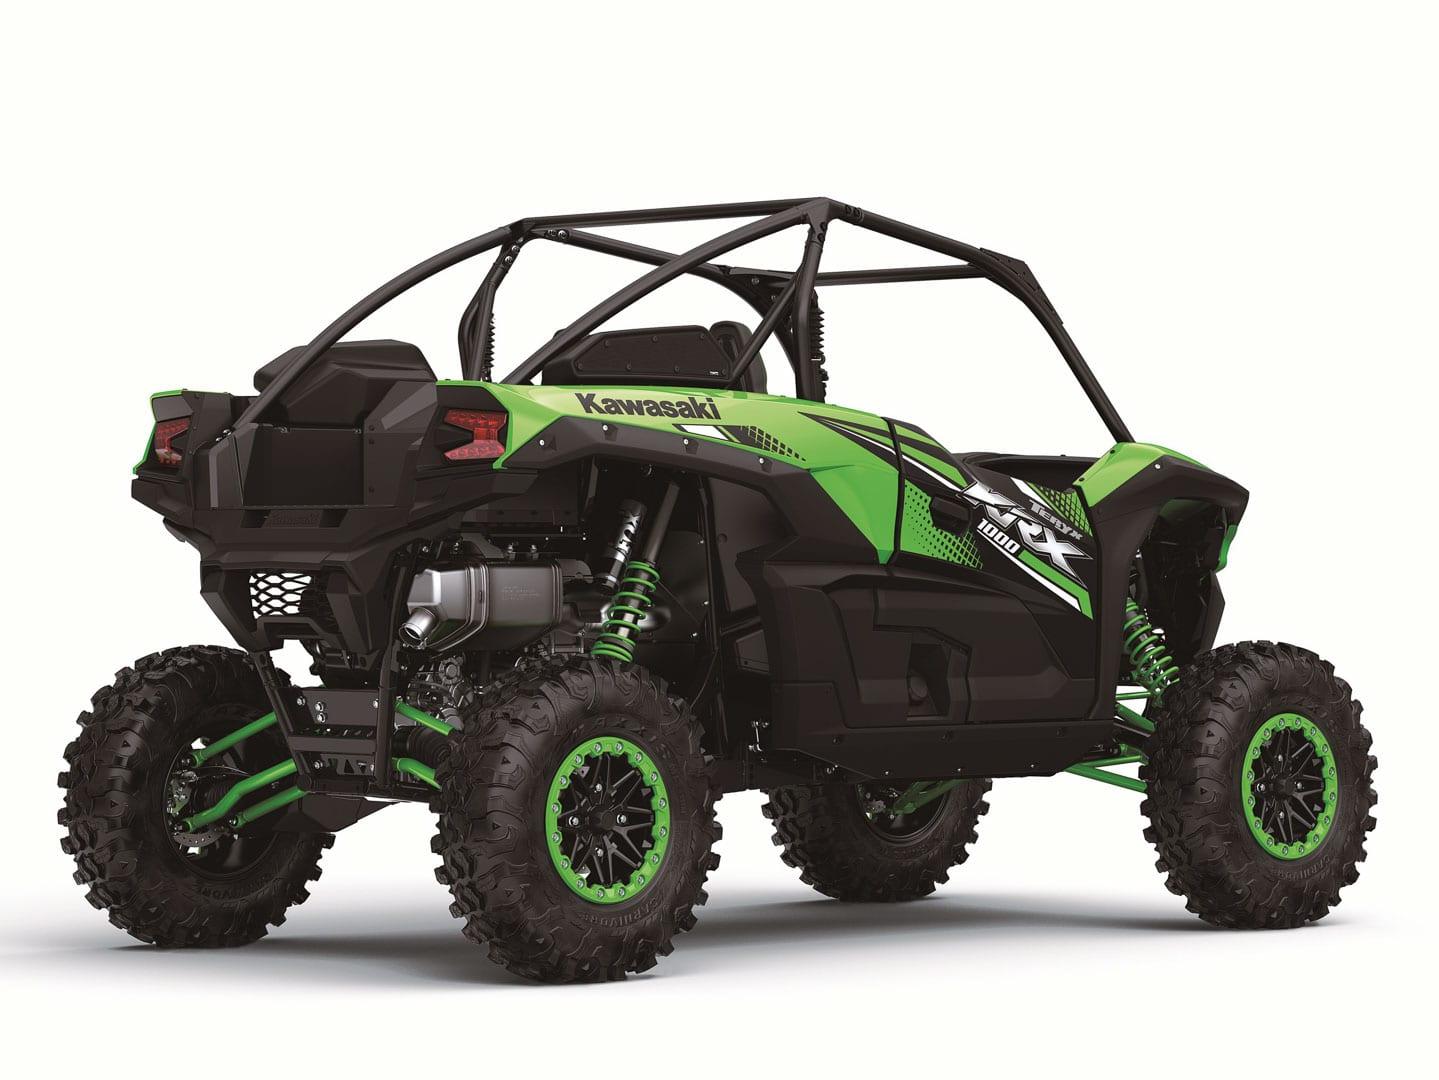 2020 Kawasaki Teryx KRX 1000